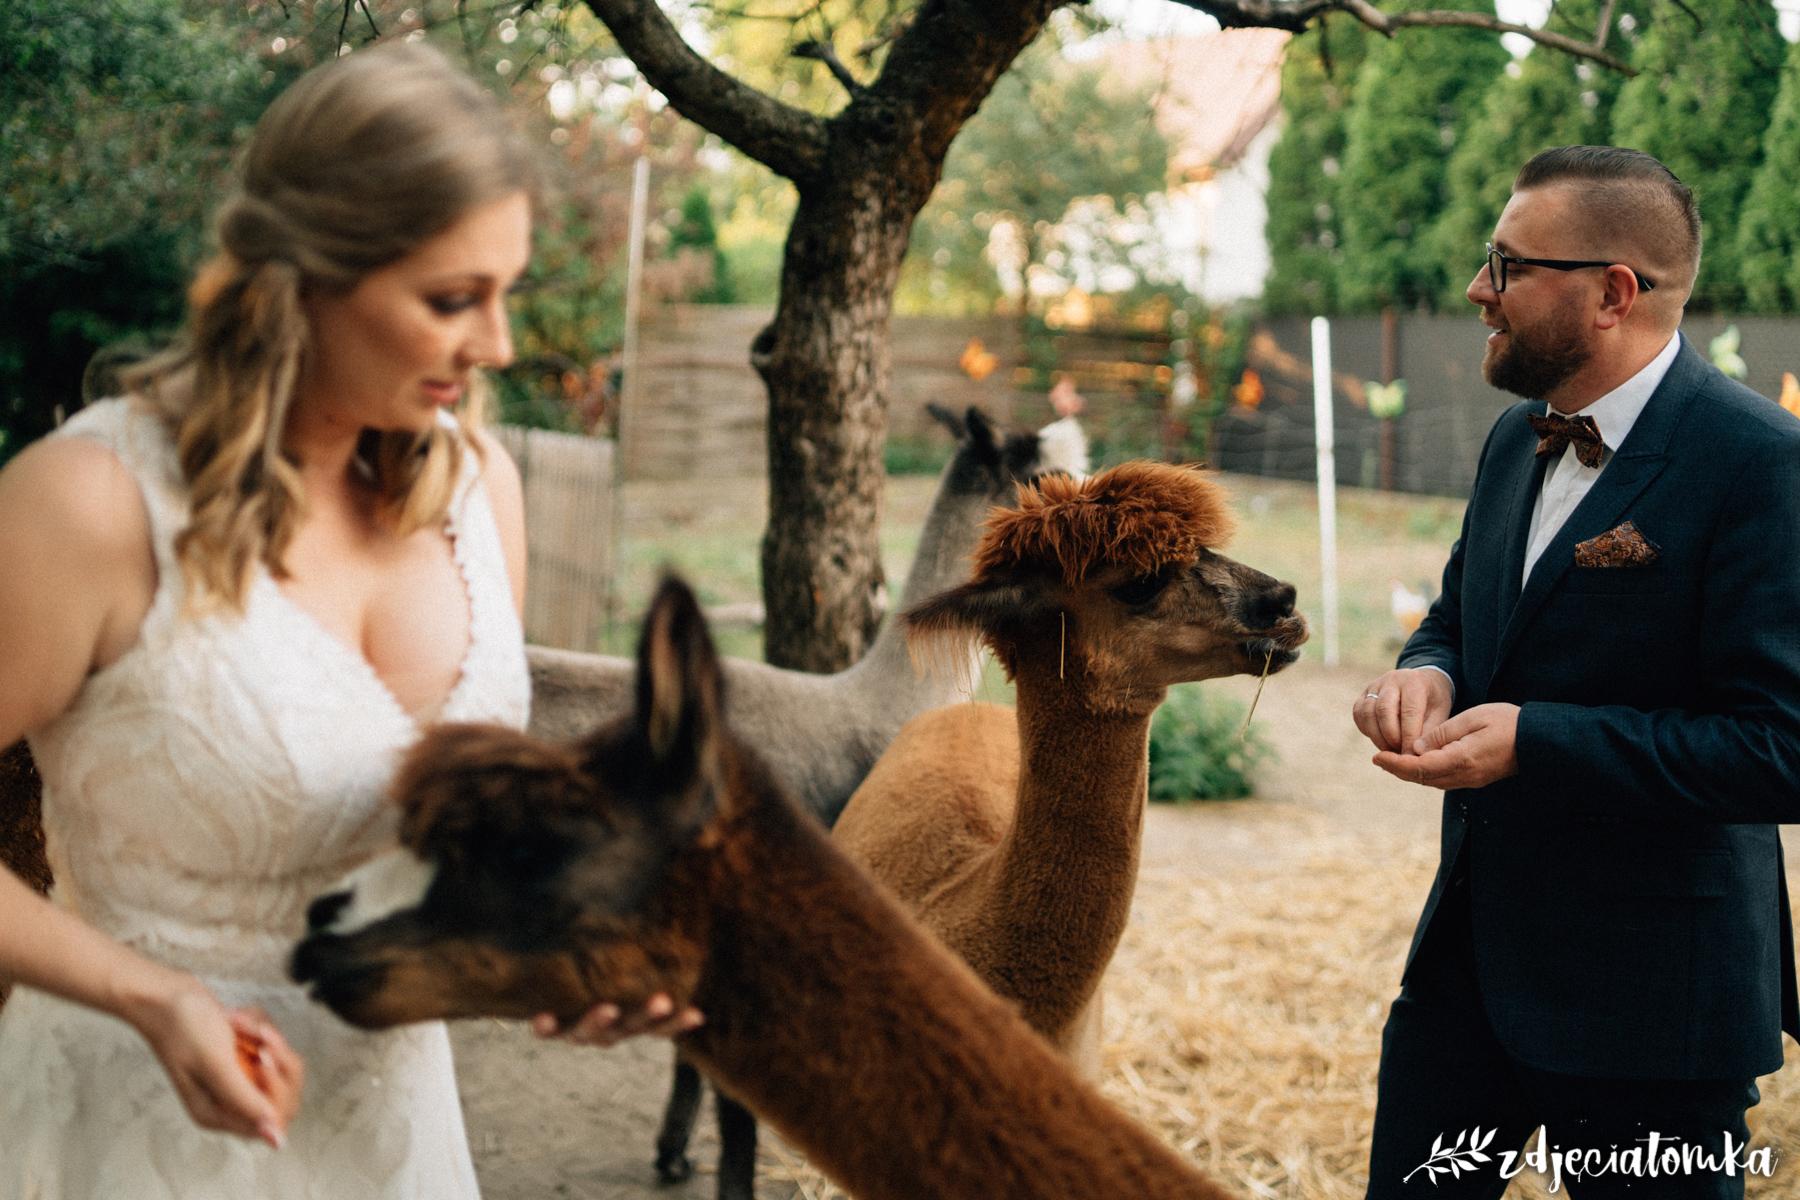 bajeczna sesja ślubna z alpakami alpaki corazon łomianki pan młody panna młoda sesja plenerowa poślubna zachód słońca zagroda alpak